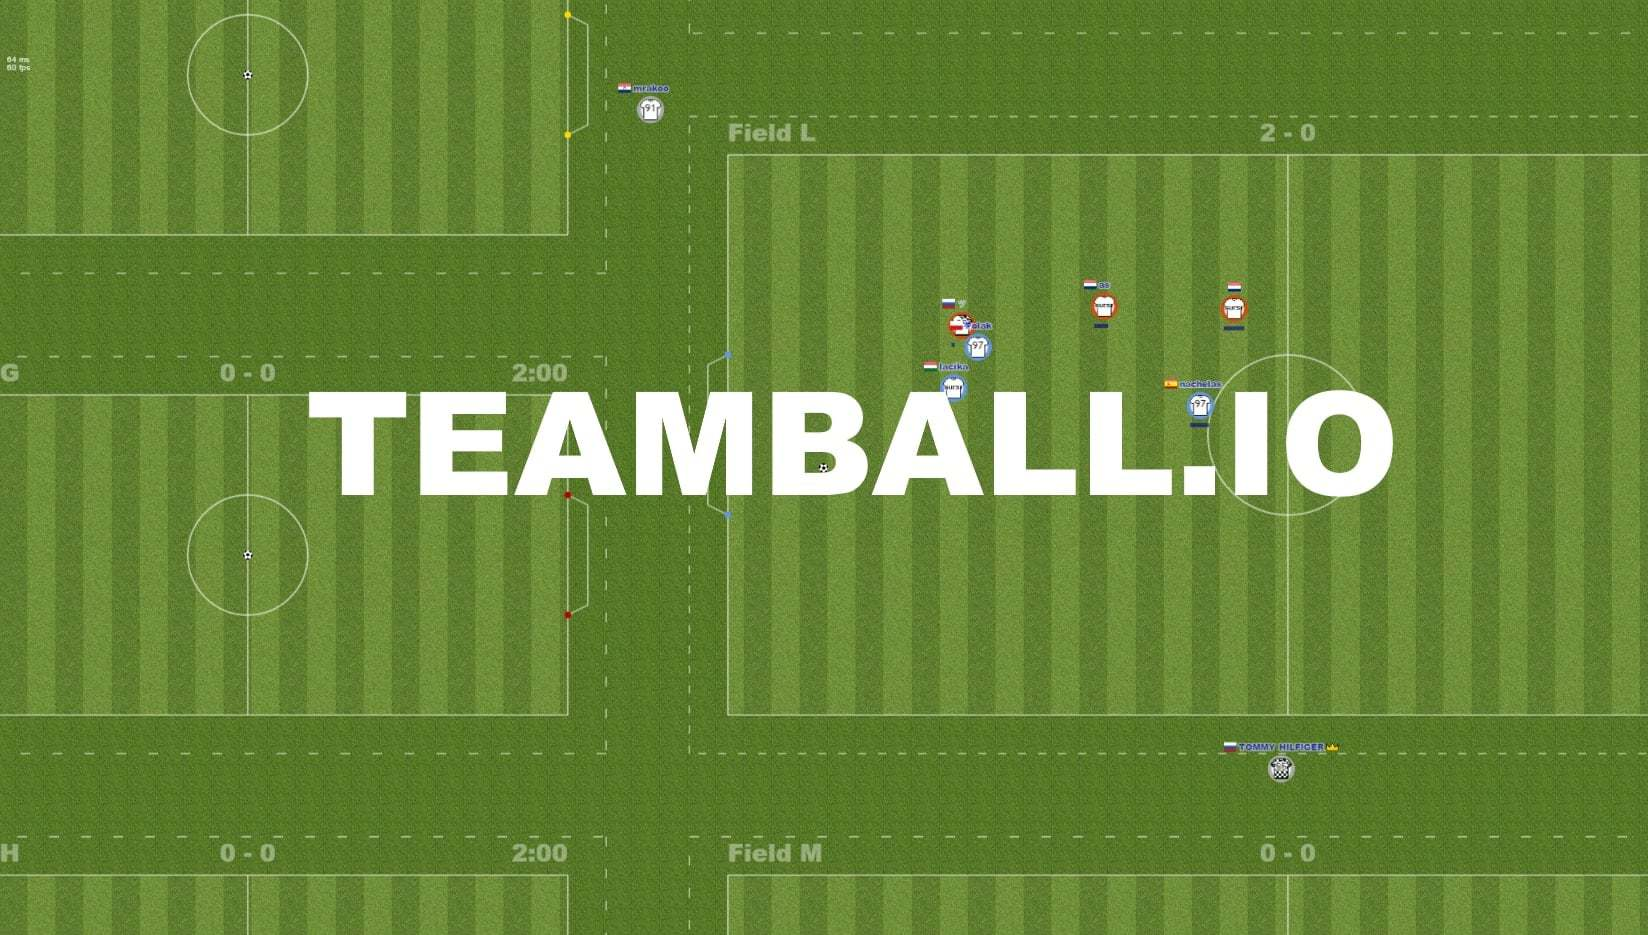 Teamball.io thumbnail image. Play IO Games at iogames.network!